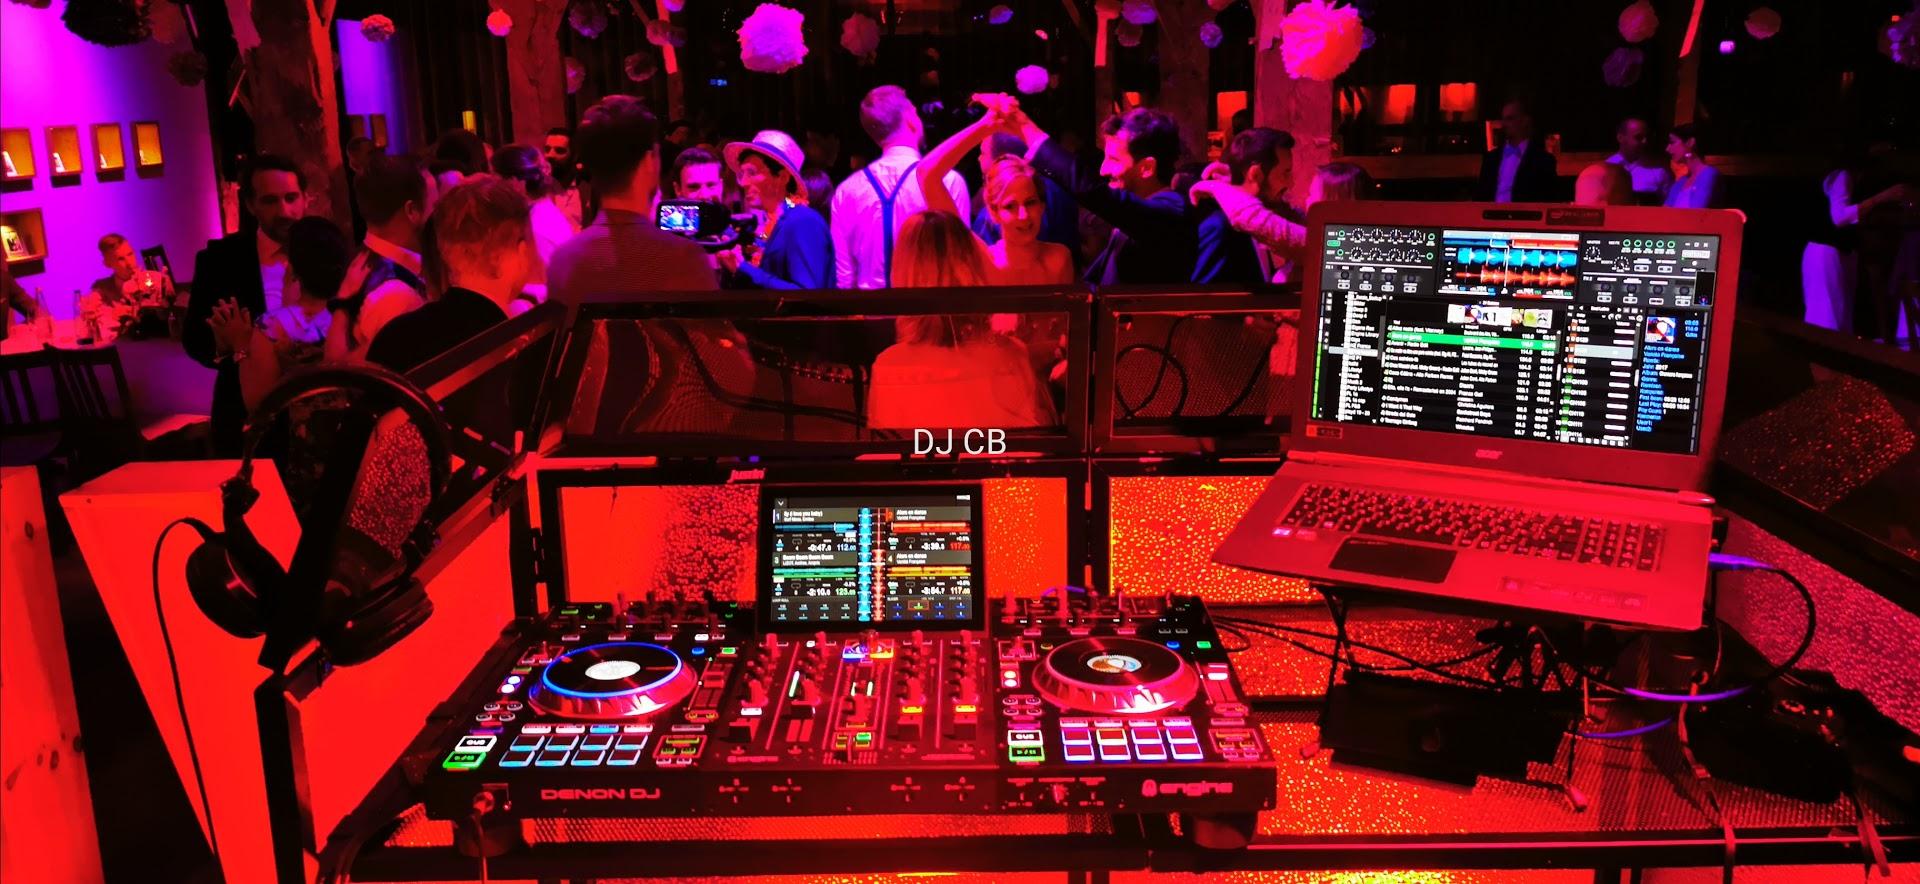 Das DJ Setup ist unaufdringlich aber doch präsent und hochwertig an die Begebenheit angepasst.